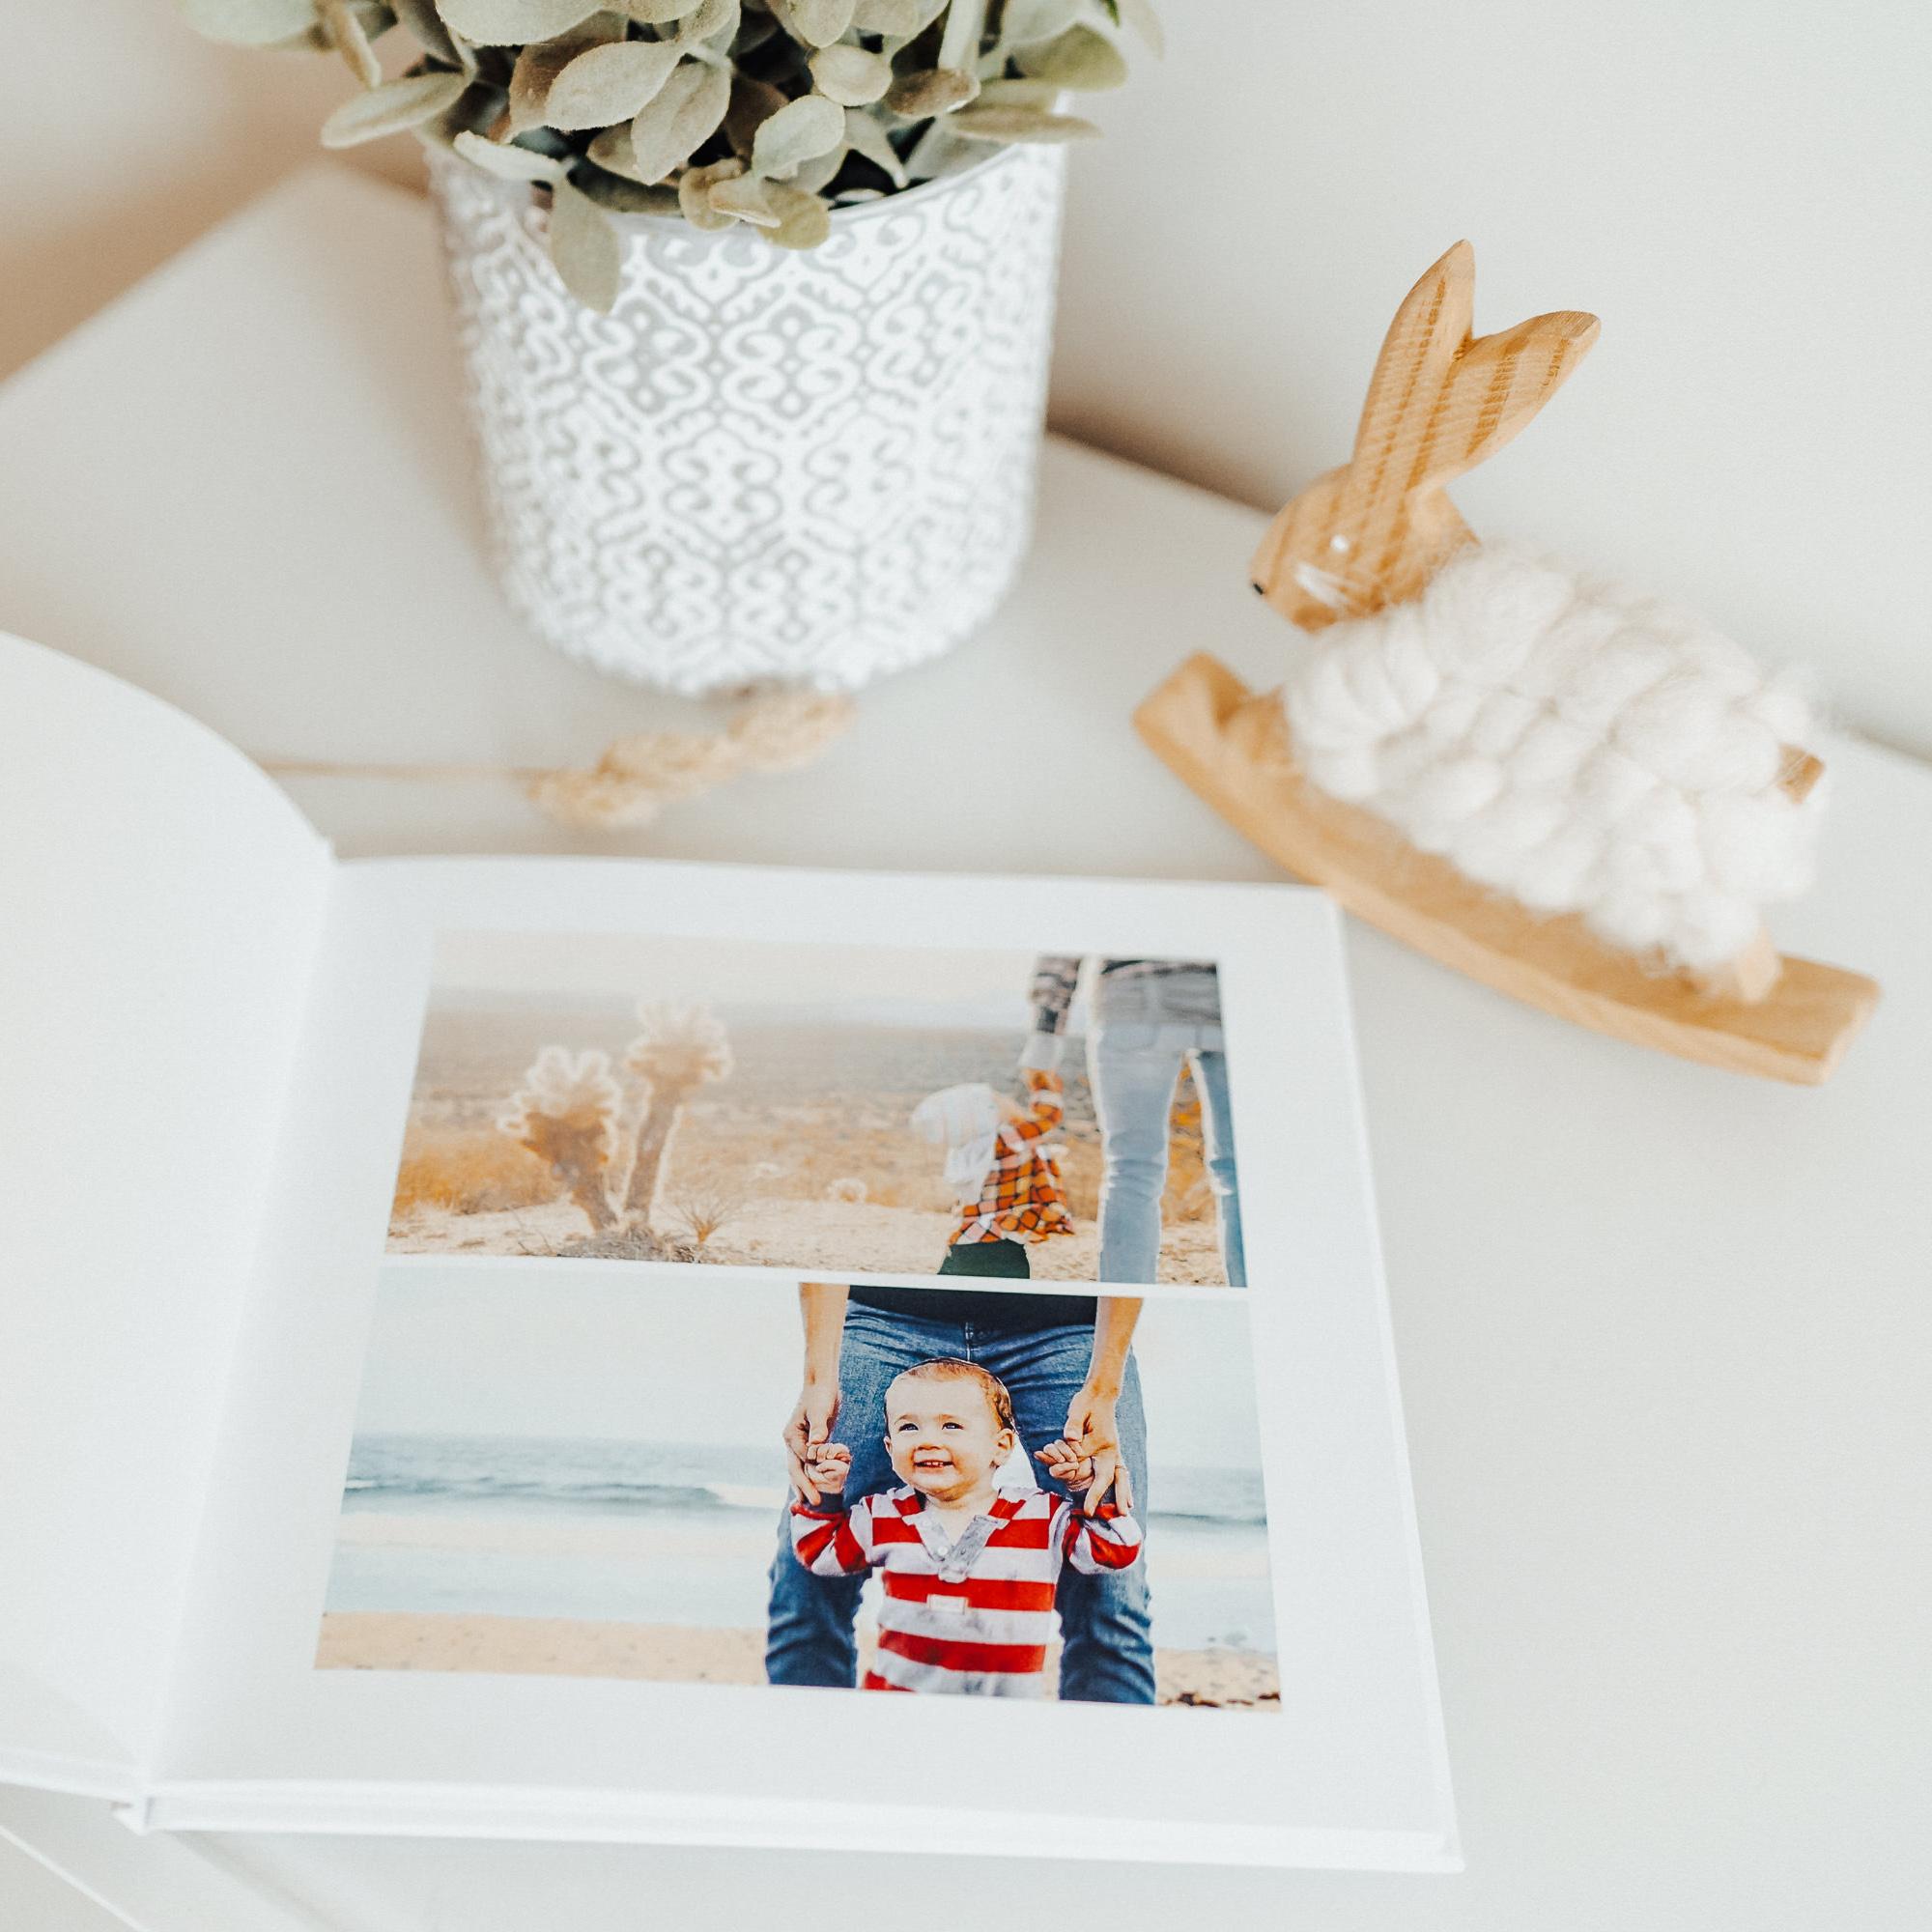 Album photo bebe en vacances avec parents